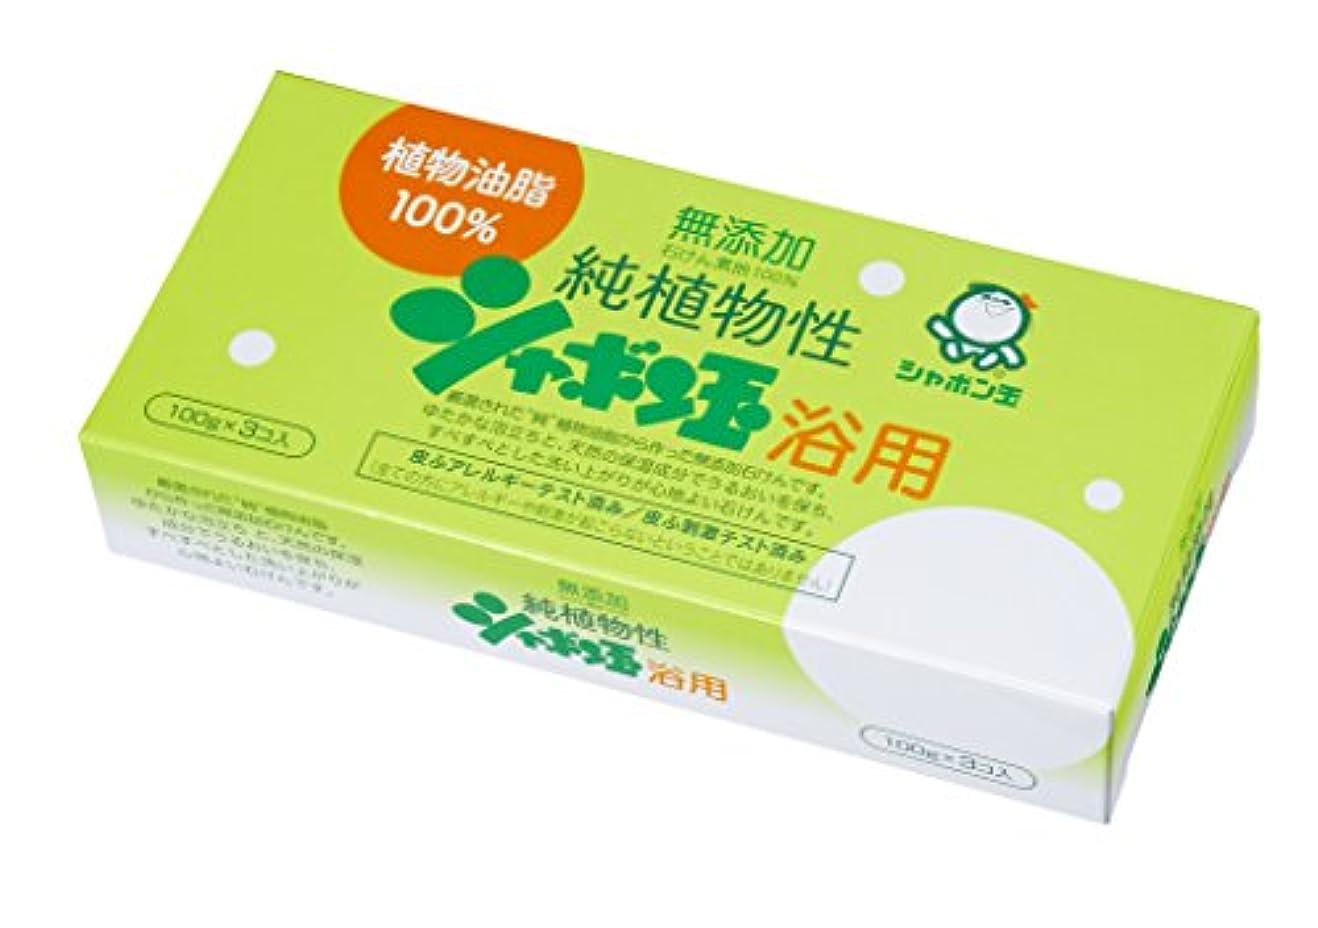 忠実な悪用文芸シャボン玉 無添加せっけん 純植物性シャボン玉 浴用 100g×3個入り